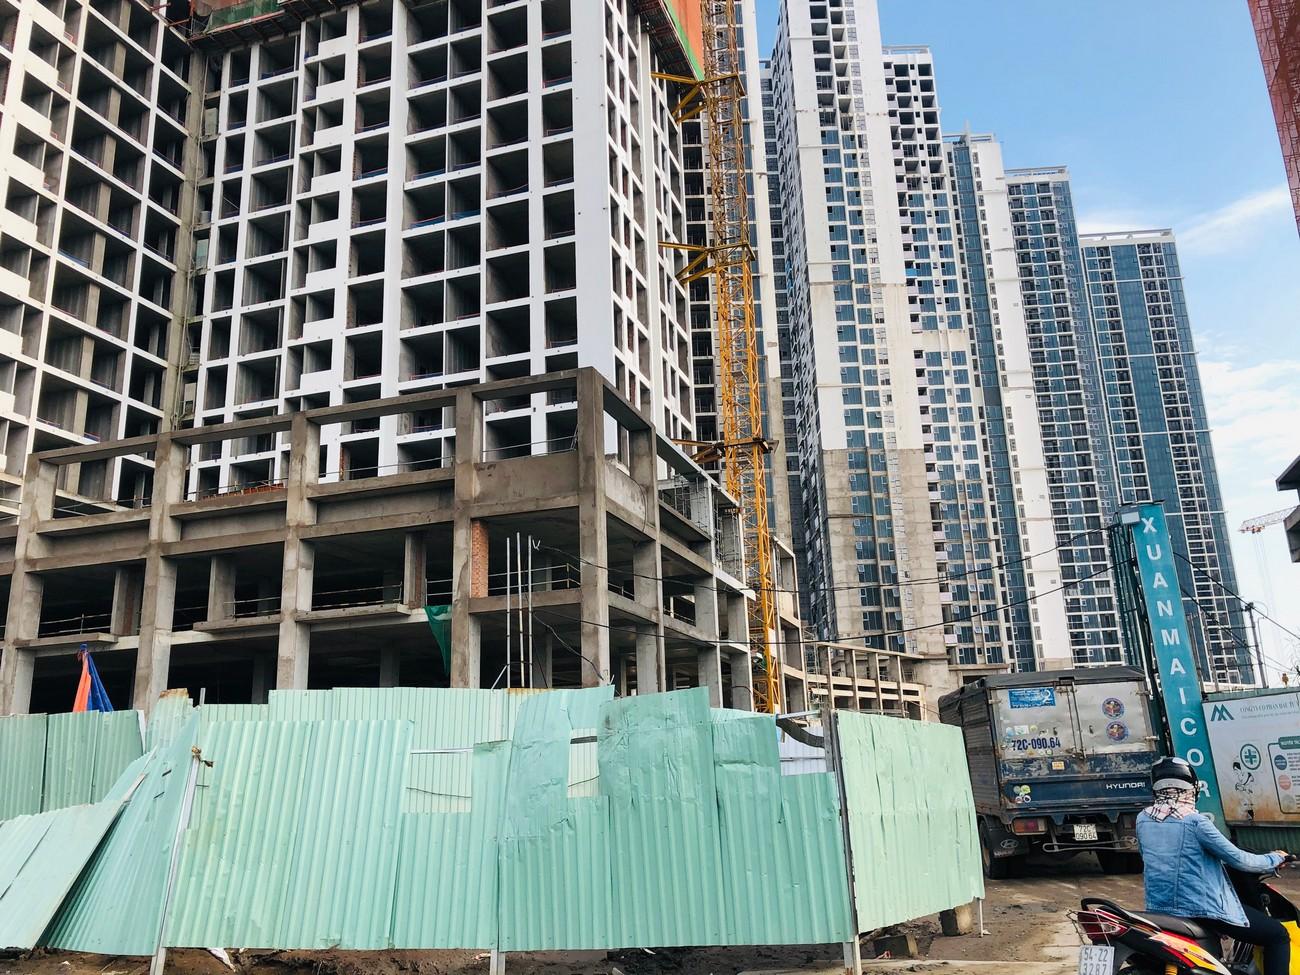 Tiến độ dự án căn hộ chung cư Eco Green Sài Gòn Quận 7 Đường Nguyễn Văn Linh chủ đầu tư Xuân Mai 06/07/2020